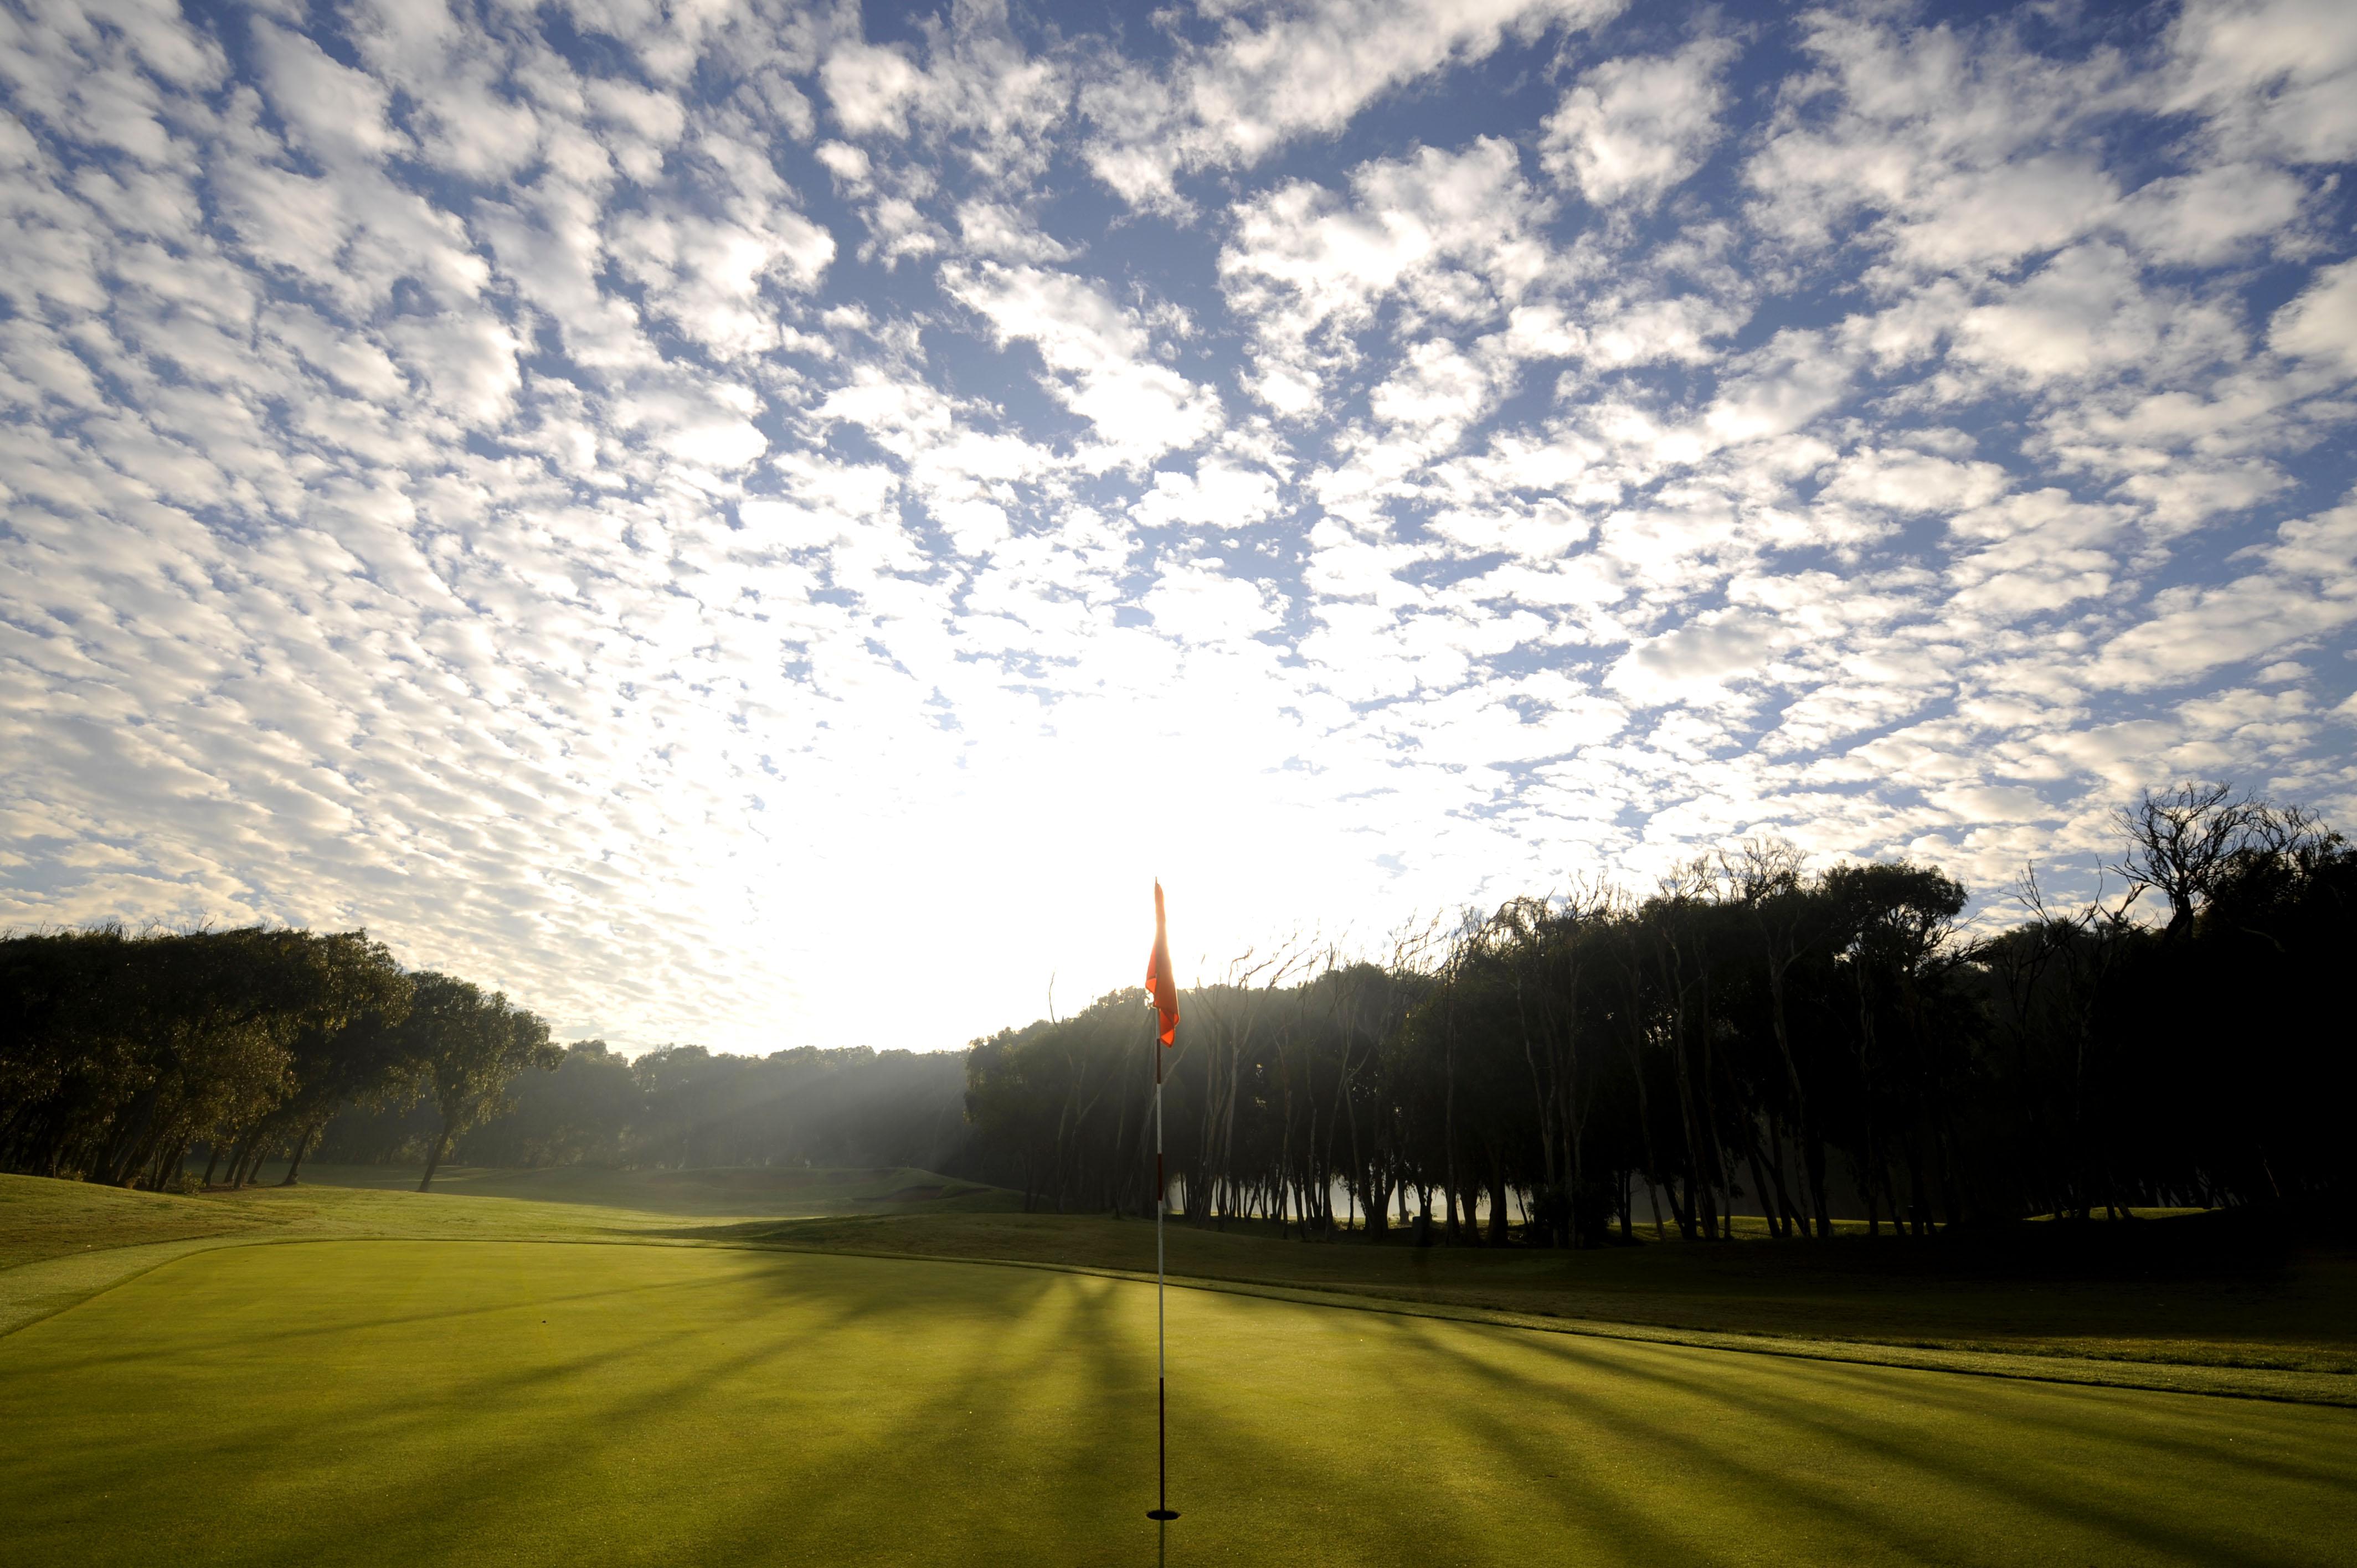 Le ciel du golf d'El Jadida Royal.